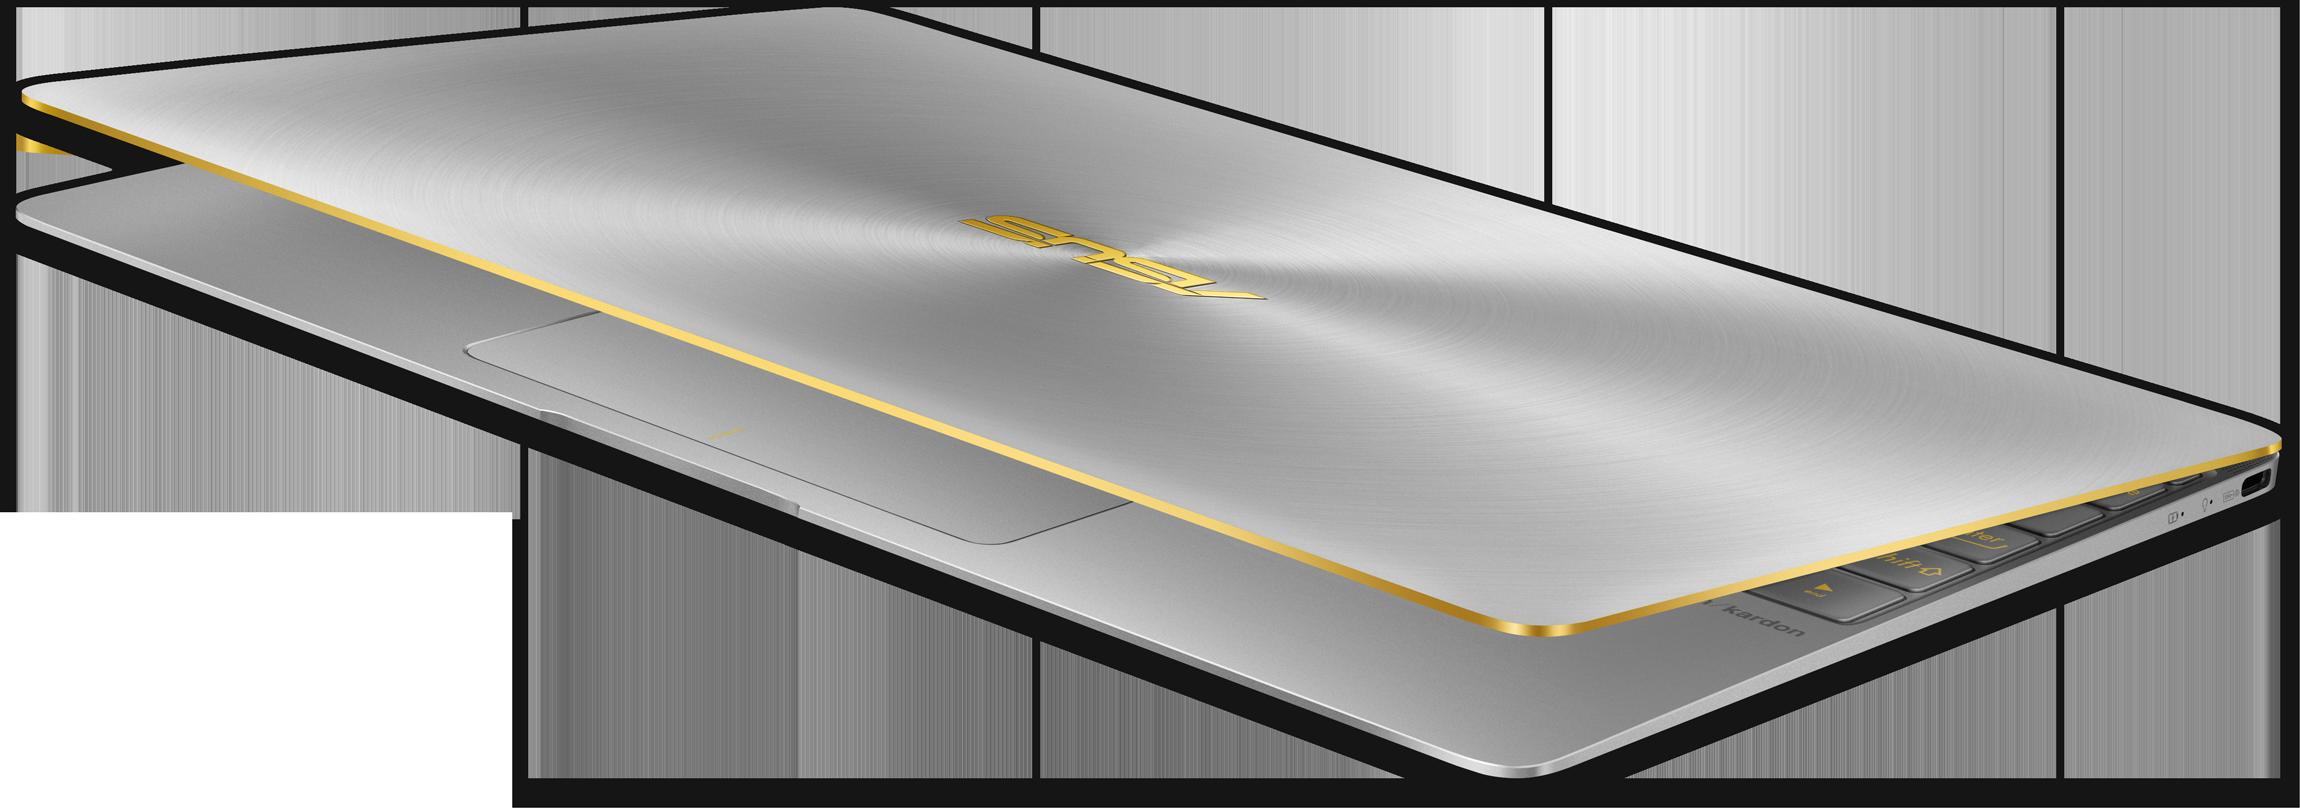 """ASUS ZenBook 3 UX390UA 12.5"""" FHD Light Weight Laptop Intel"""